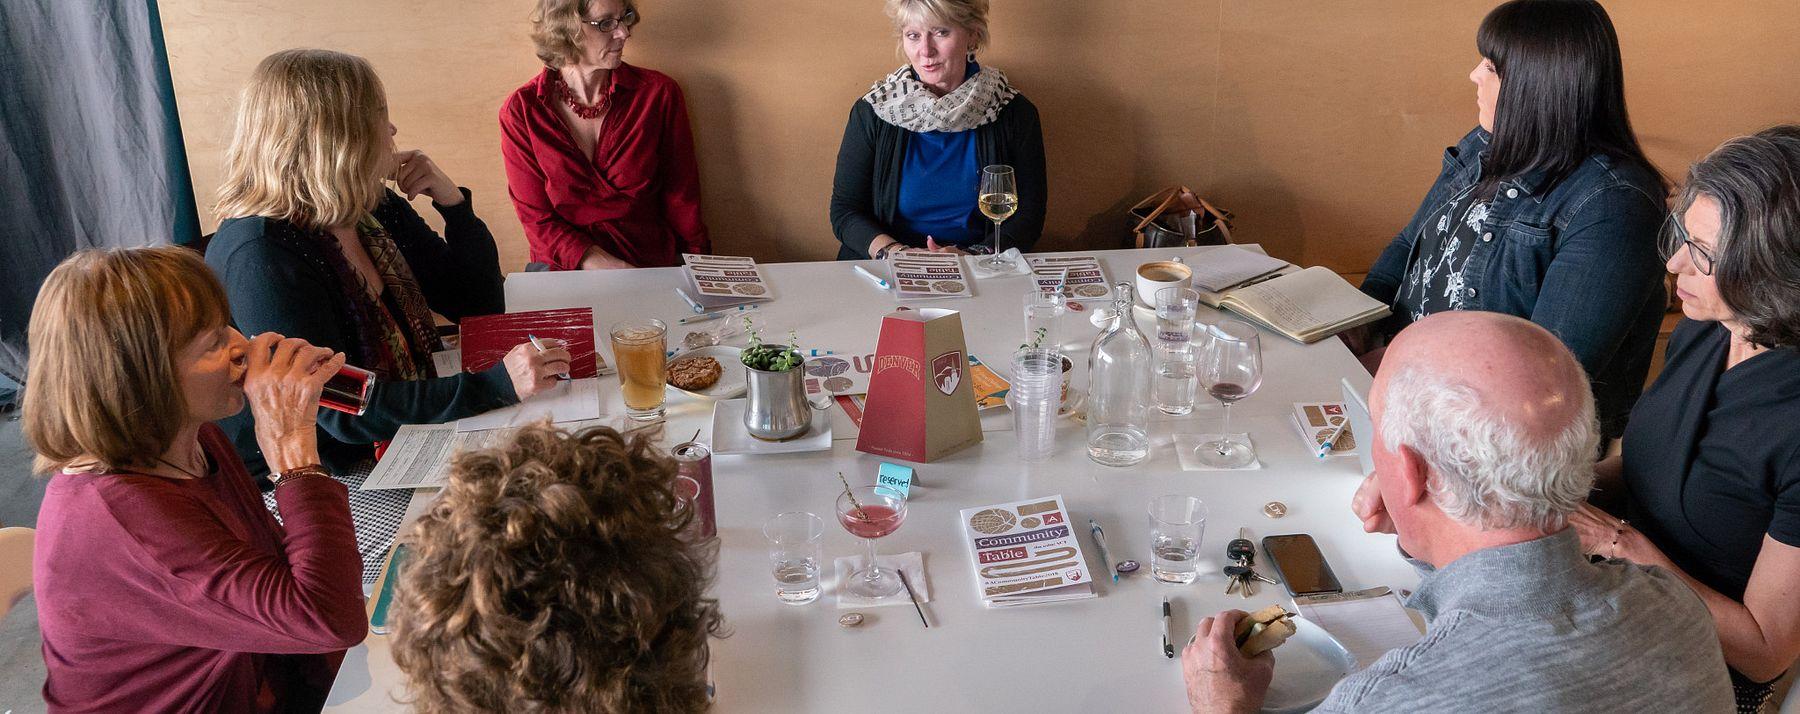 Community Table Participants